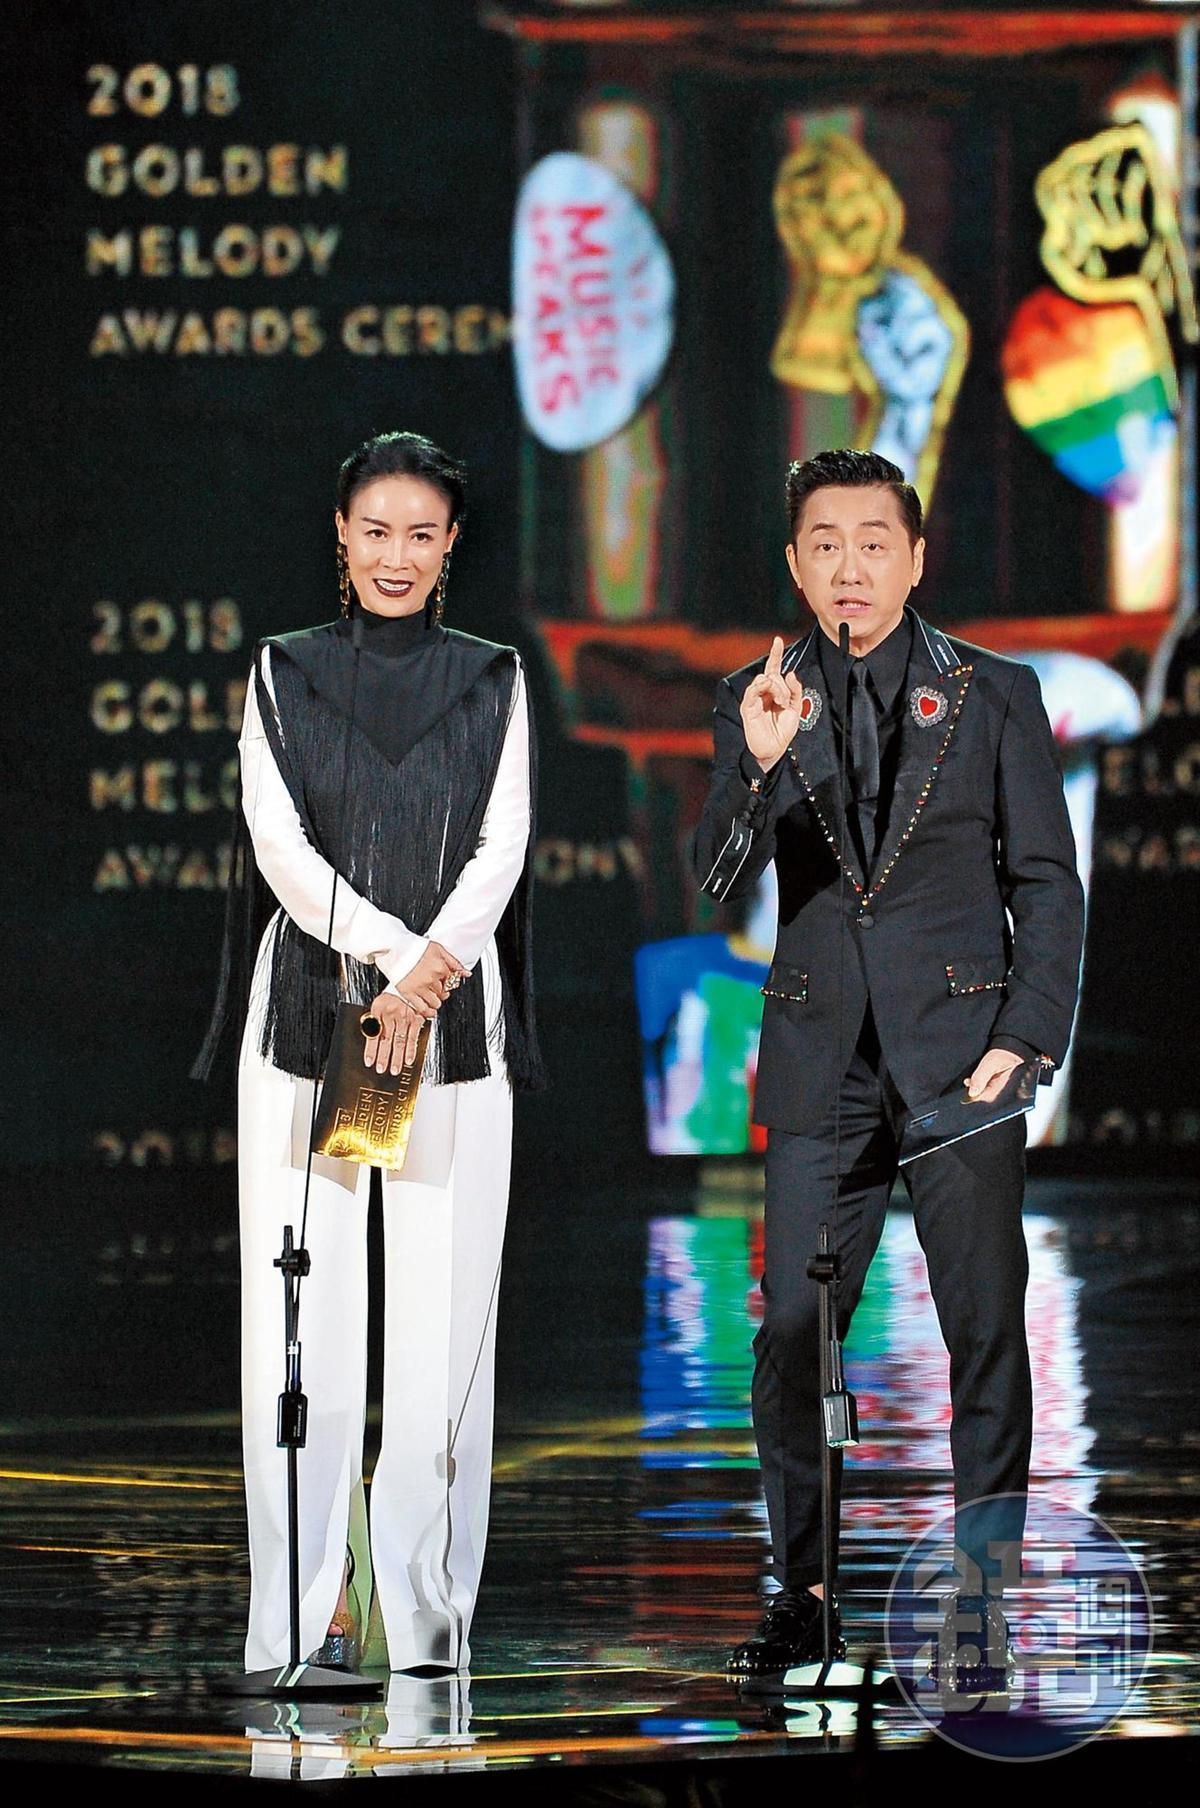 最近哈林一次出席公開活動,就是金曲獎的頒獎典禮,他與那英搭檔頒獎,結果反應兩極。